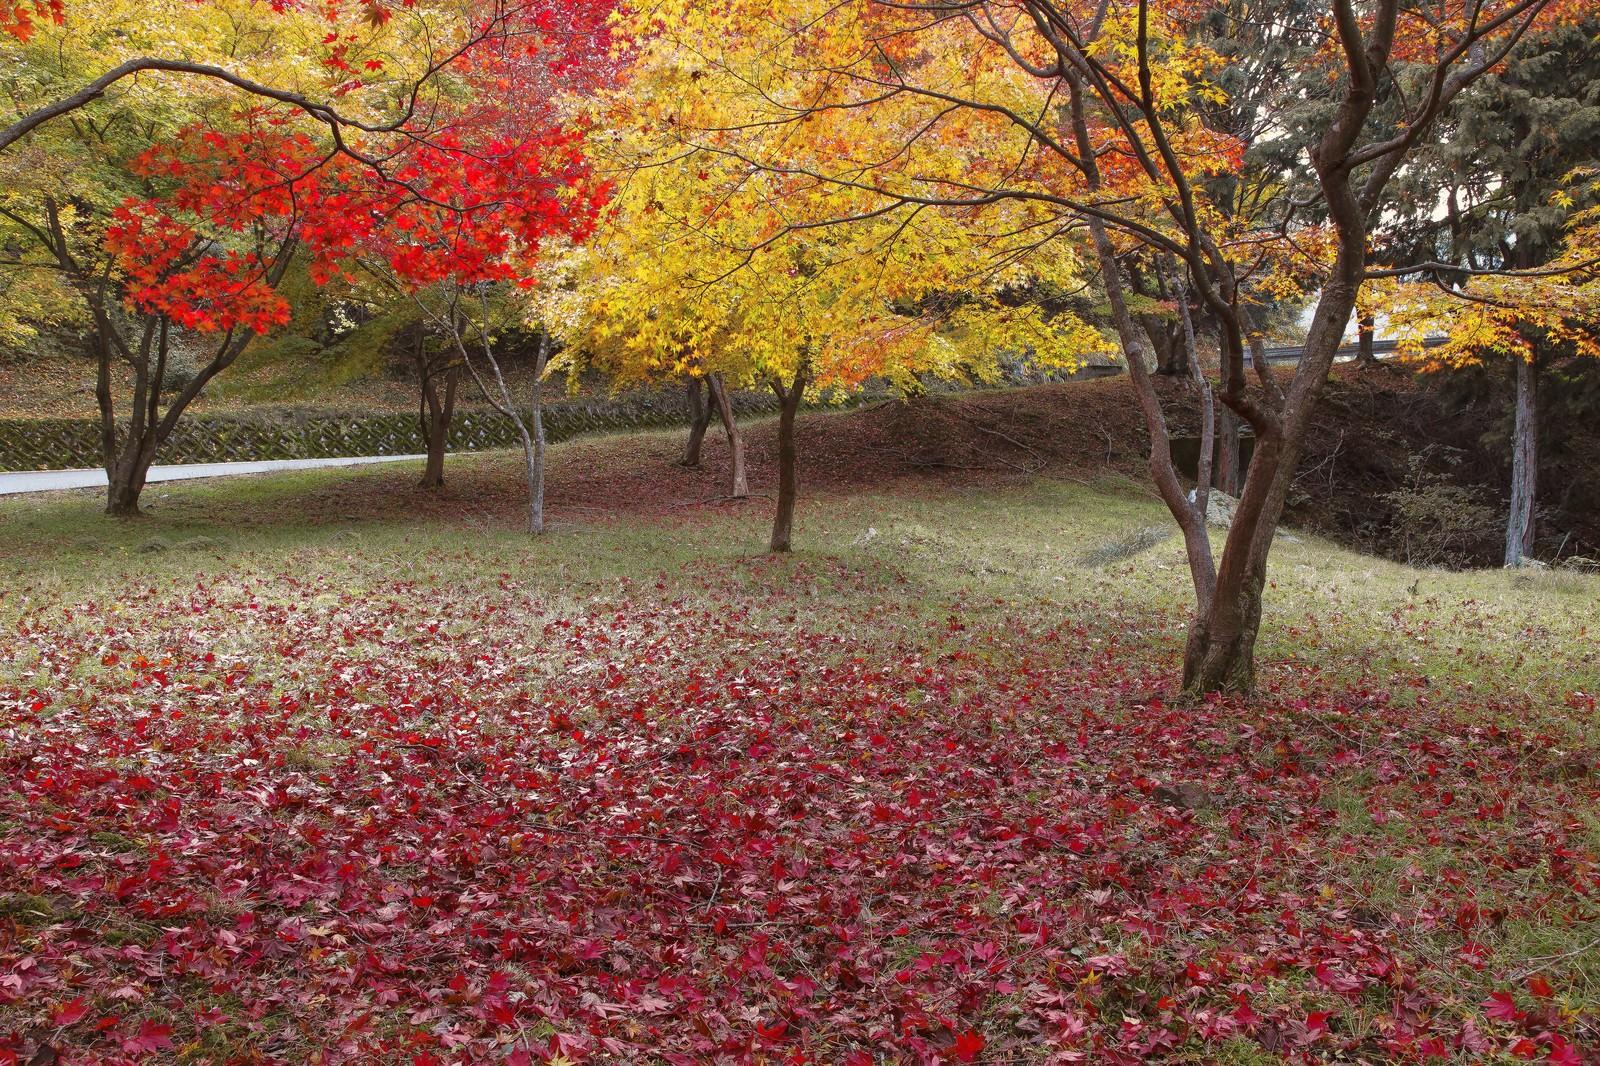 「赤く黄葉した木々と落ち葉」の写真